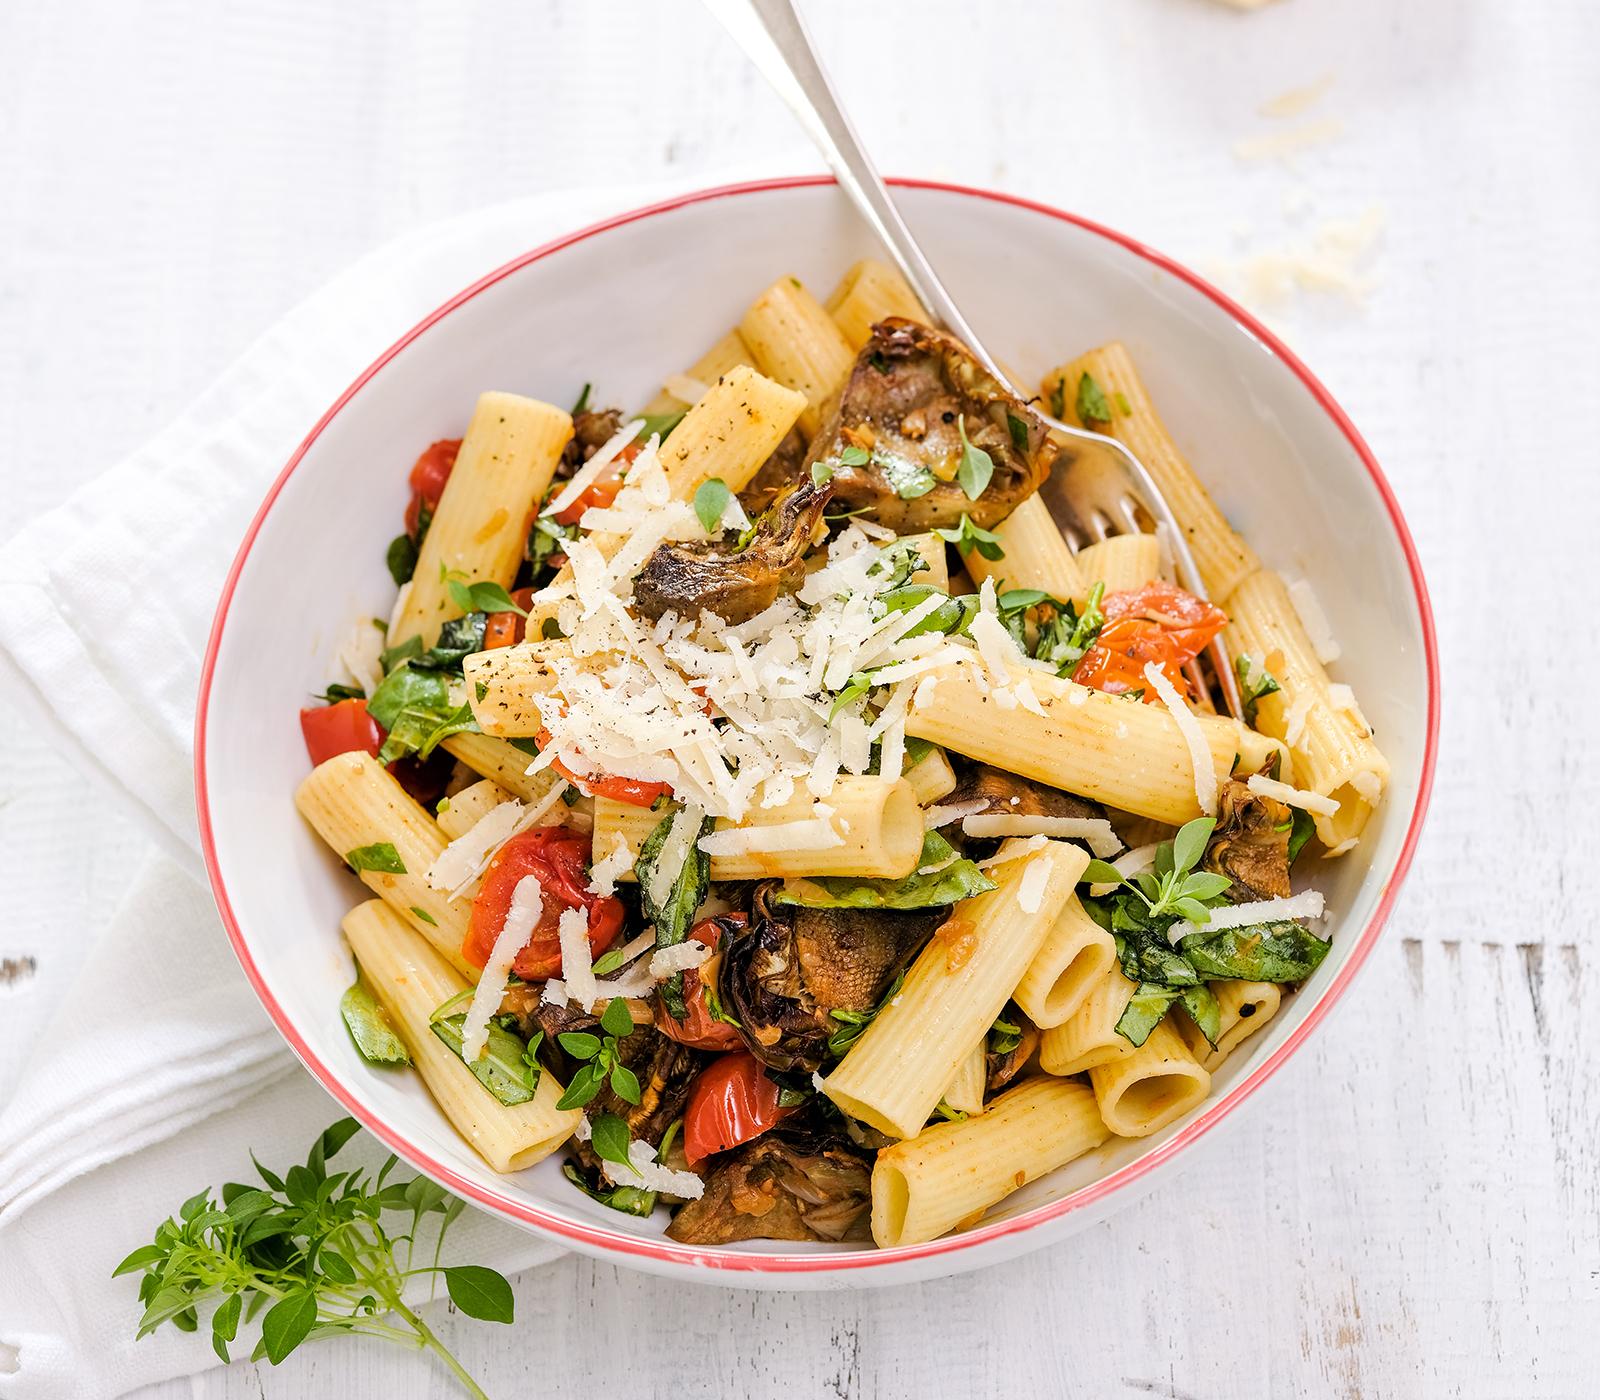 pasta mit fleisch spaghetti mit fleisch tomaten sauce rezept mit bild spaghetti mit fleisch. Black Bedroom Furniture Sets. Home Design Ideas